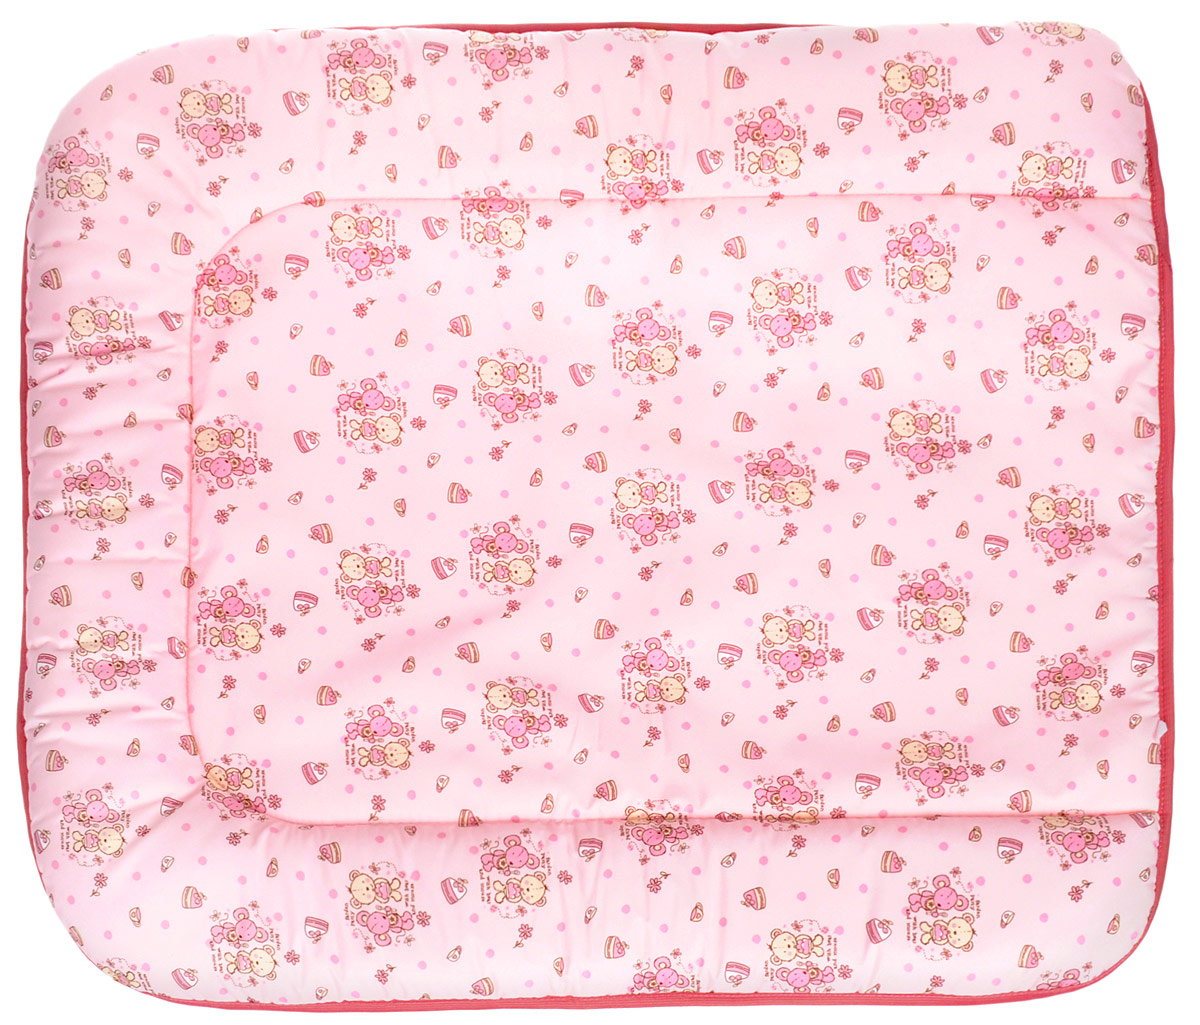 Фея Доска пеленальная на комод Животные цвет светло-розовый